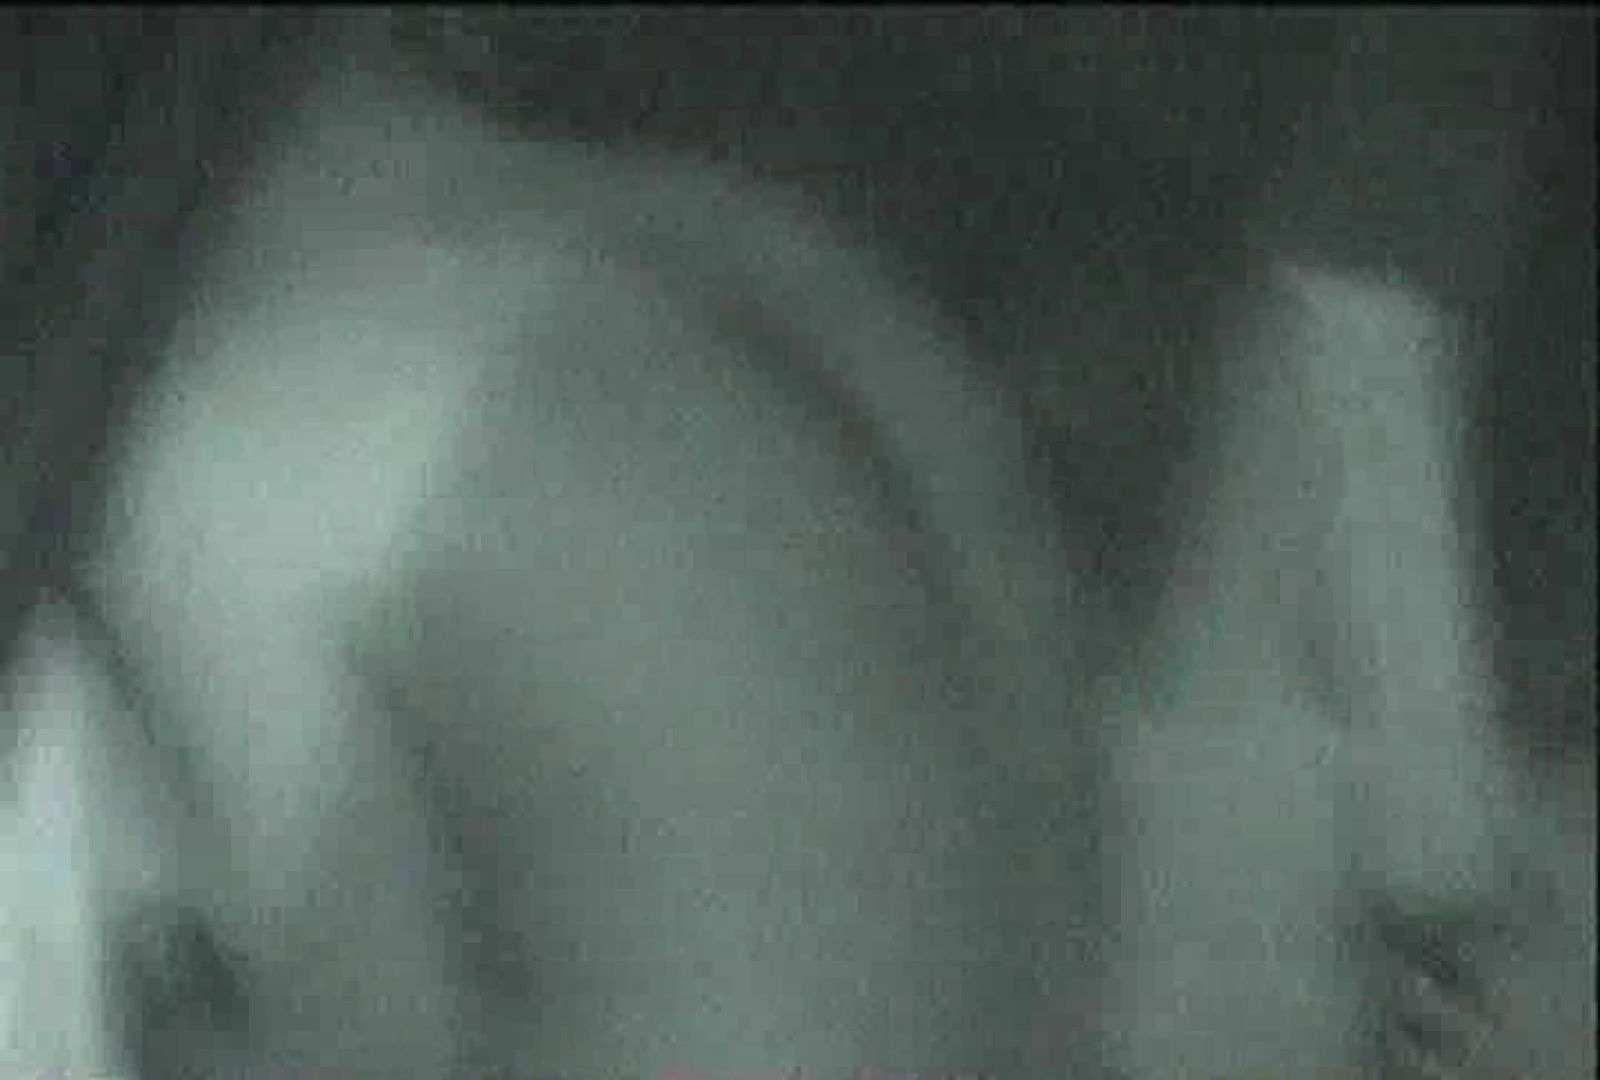 充血監督の深夜の運動会Vol.81 独身エッチOL | ギャルライフ  48pic 46